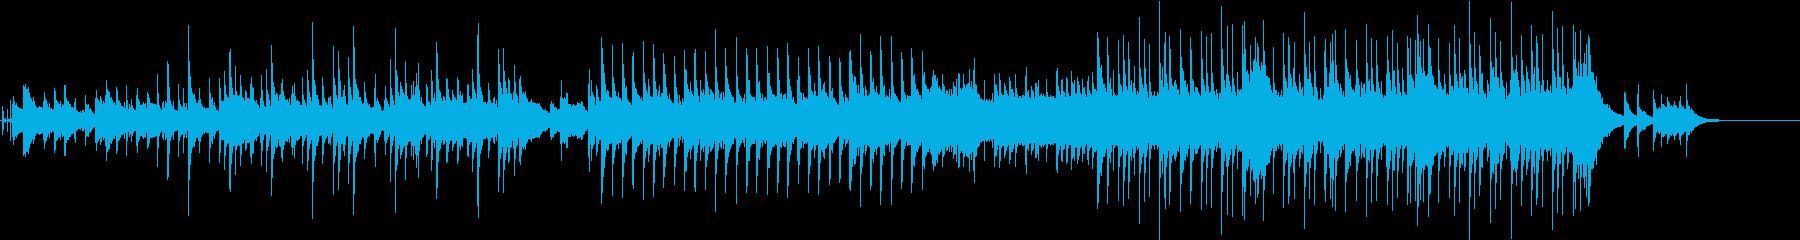 アコギとオルゴールのポップスの再生済みの波形